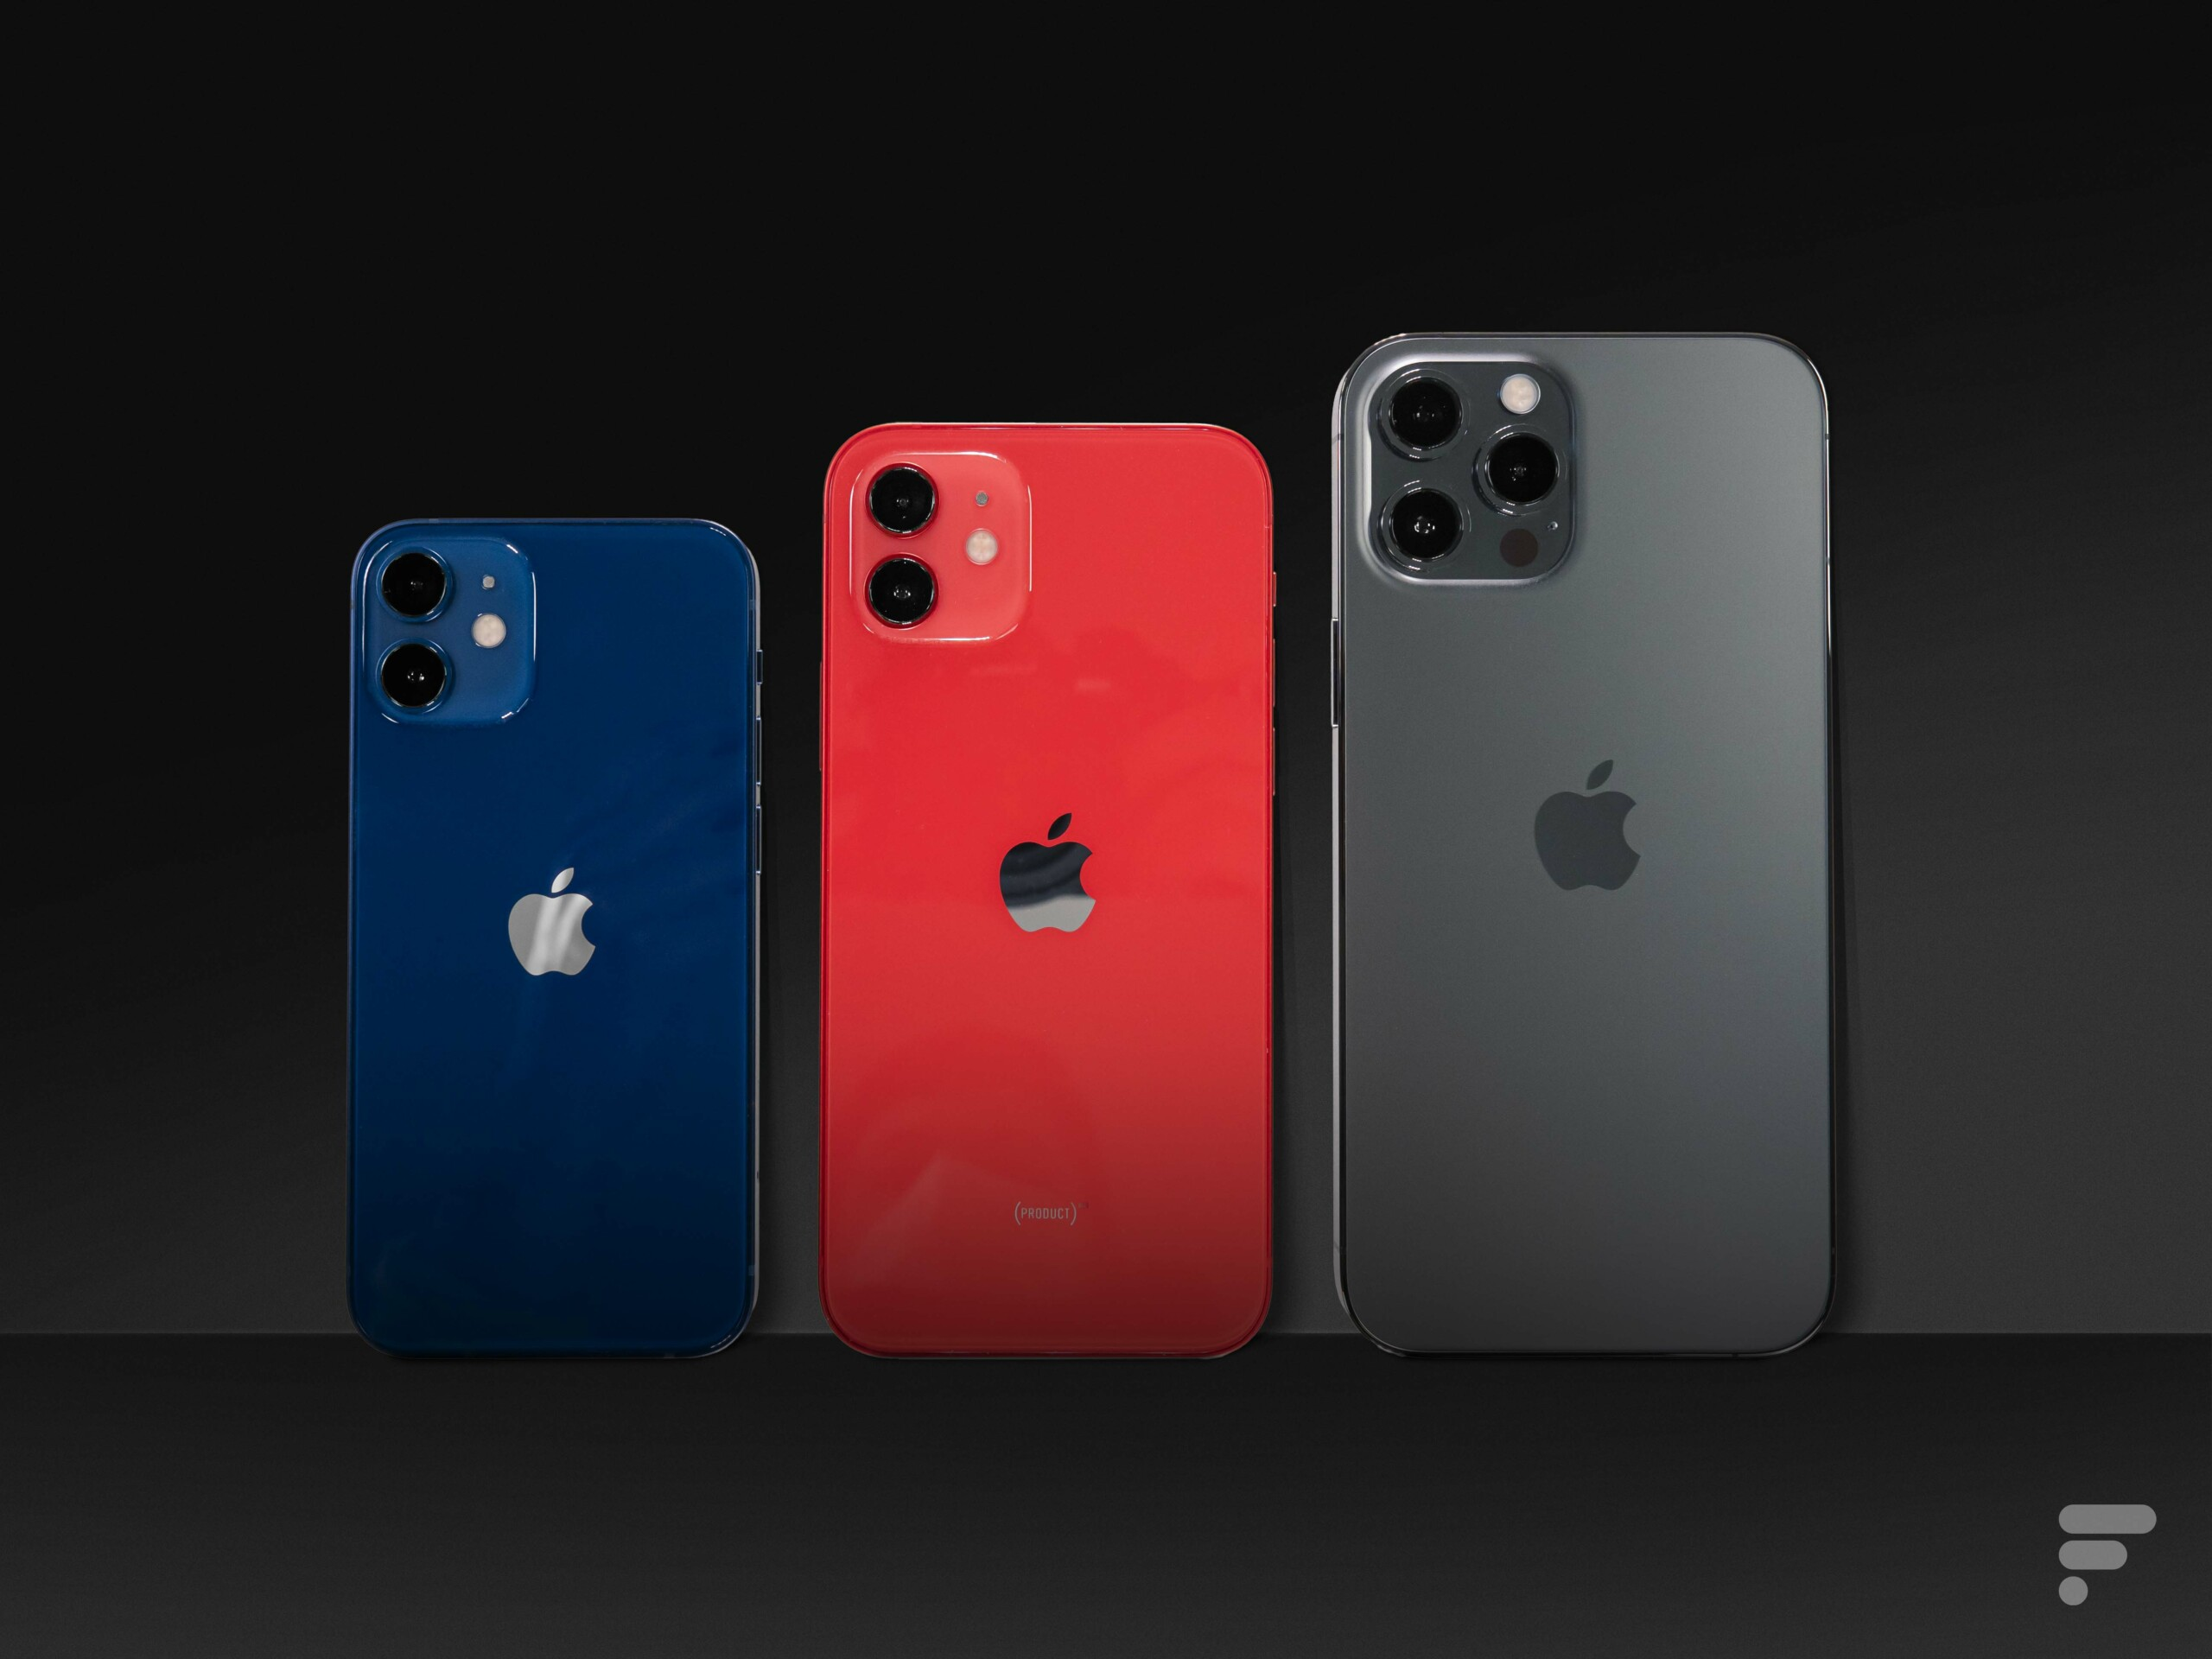 IPhone 12 : Apple met en garde les personnes équipées d'un pacemaker